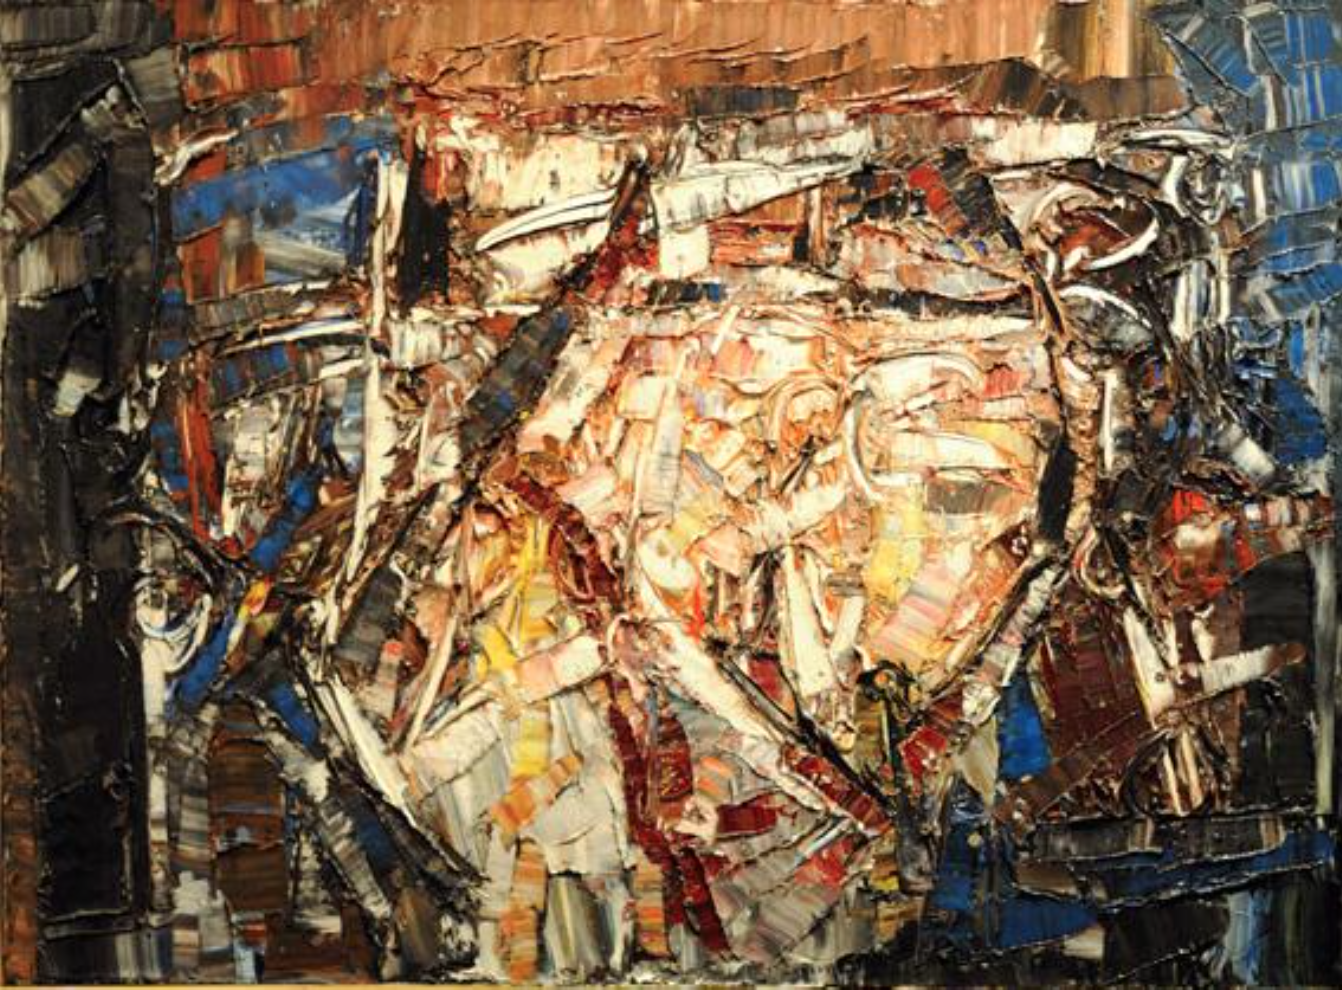 Jean Paul Riopelle (1923-2002)